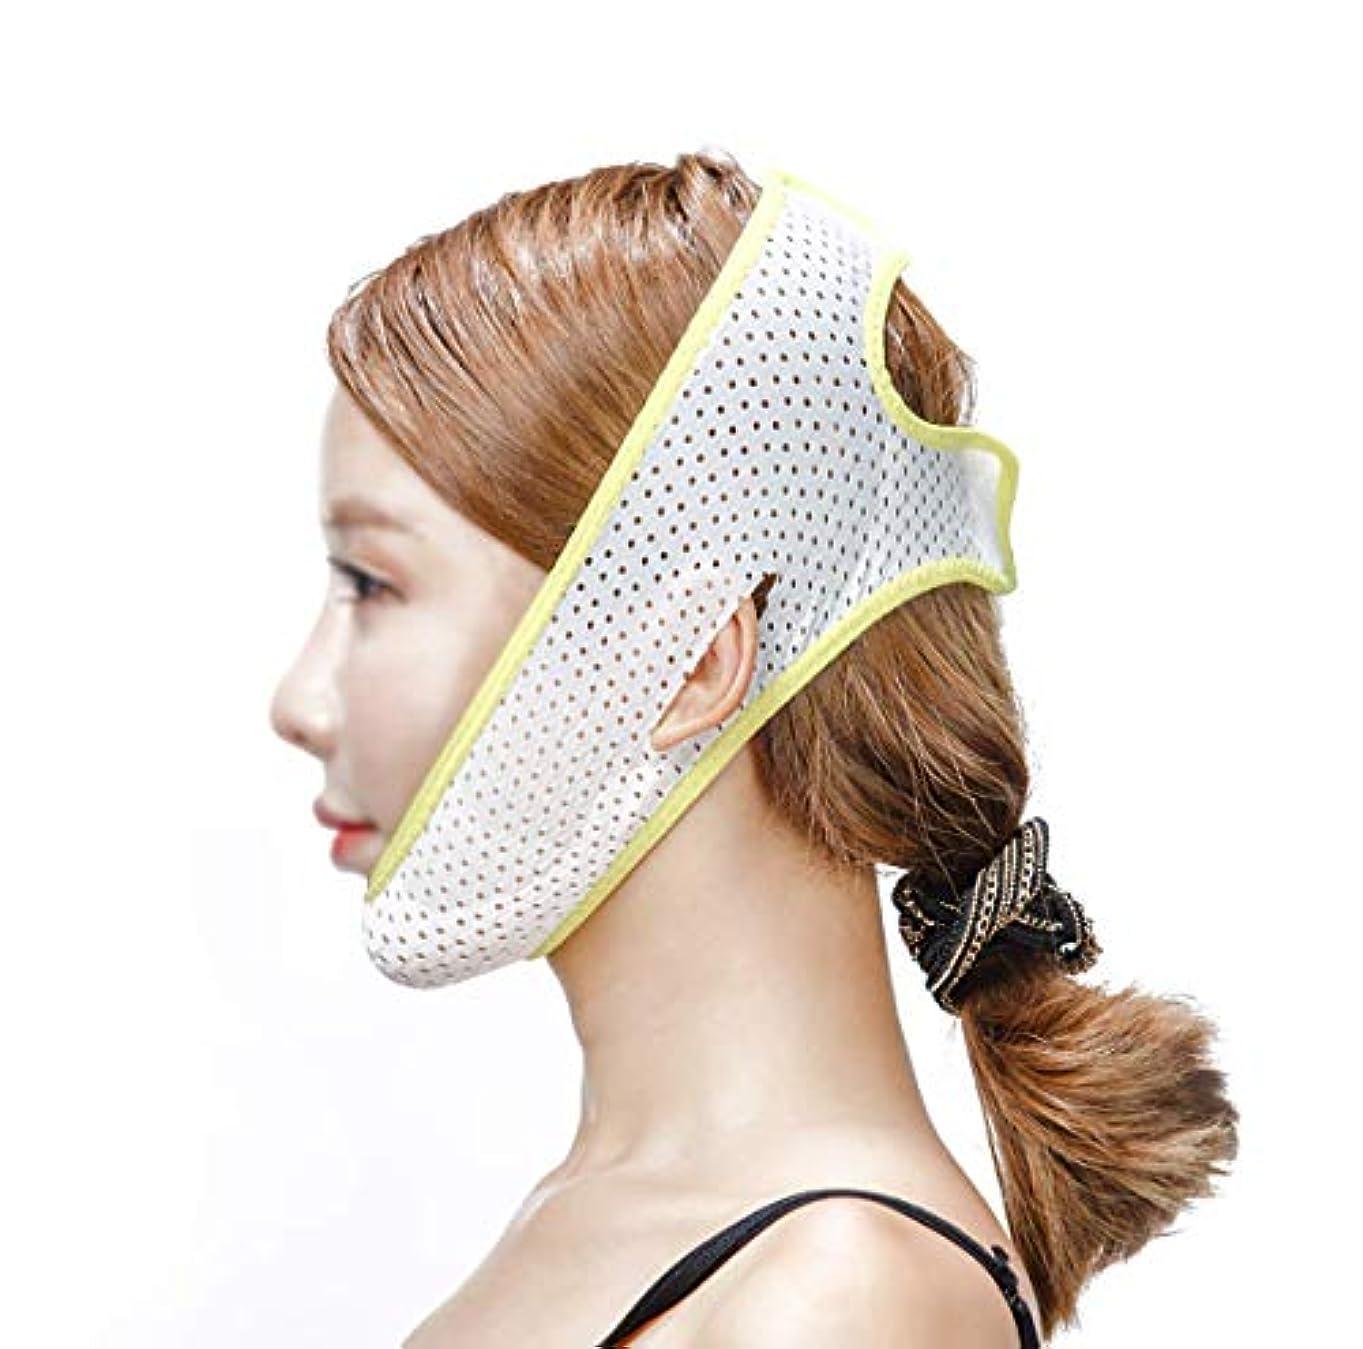 技術指標見積りフェイスリフトマスク、あごストラップ回復包帯睡眠薄いフェイス包帯薄いフェイスマスクフェイスリフトアーチファクトフェイスリフトで小さいV顔を強化する美容マスク包帯(色:黄色と白)